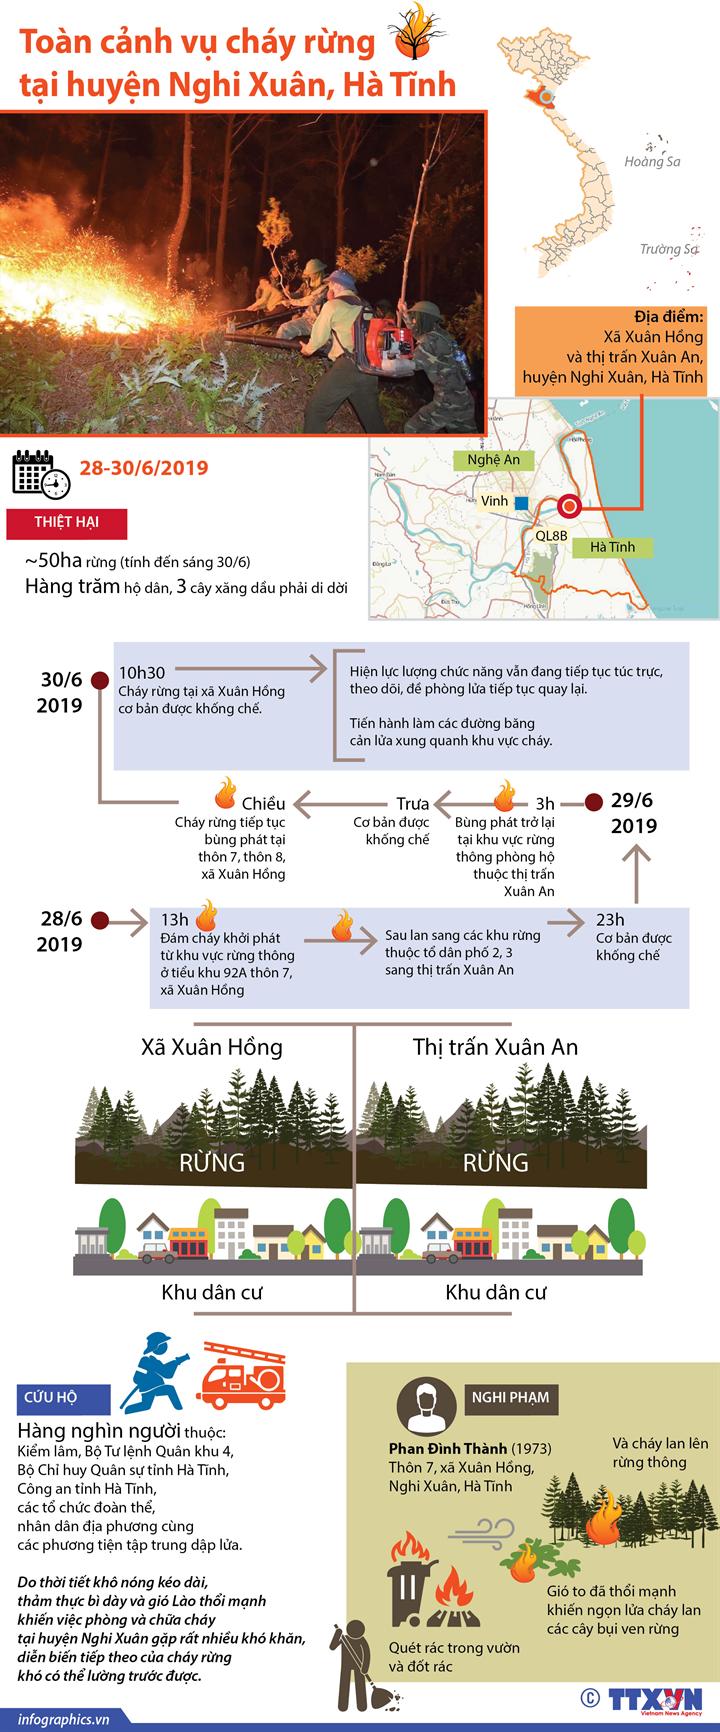 Toàn cảnh vụ cháy rừng tại huyện Nghi Xuân, Hà Tĩnh